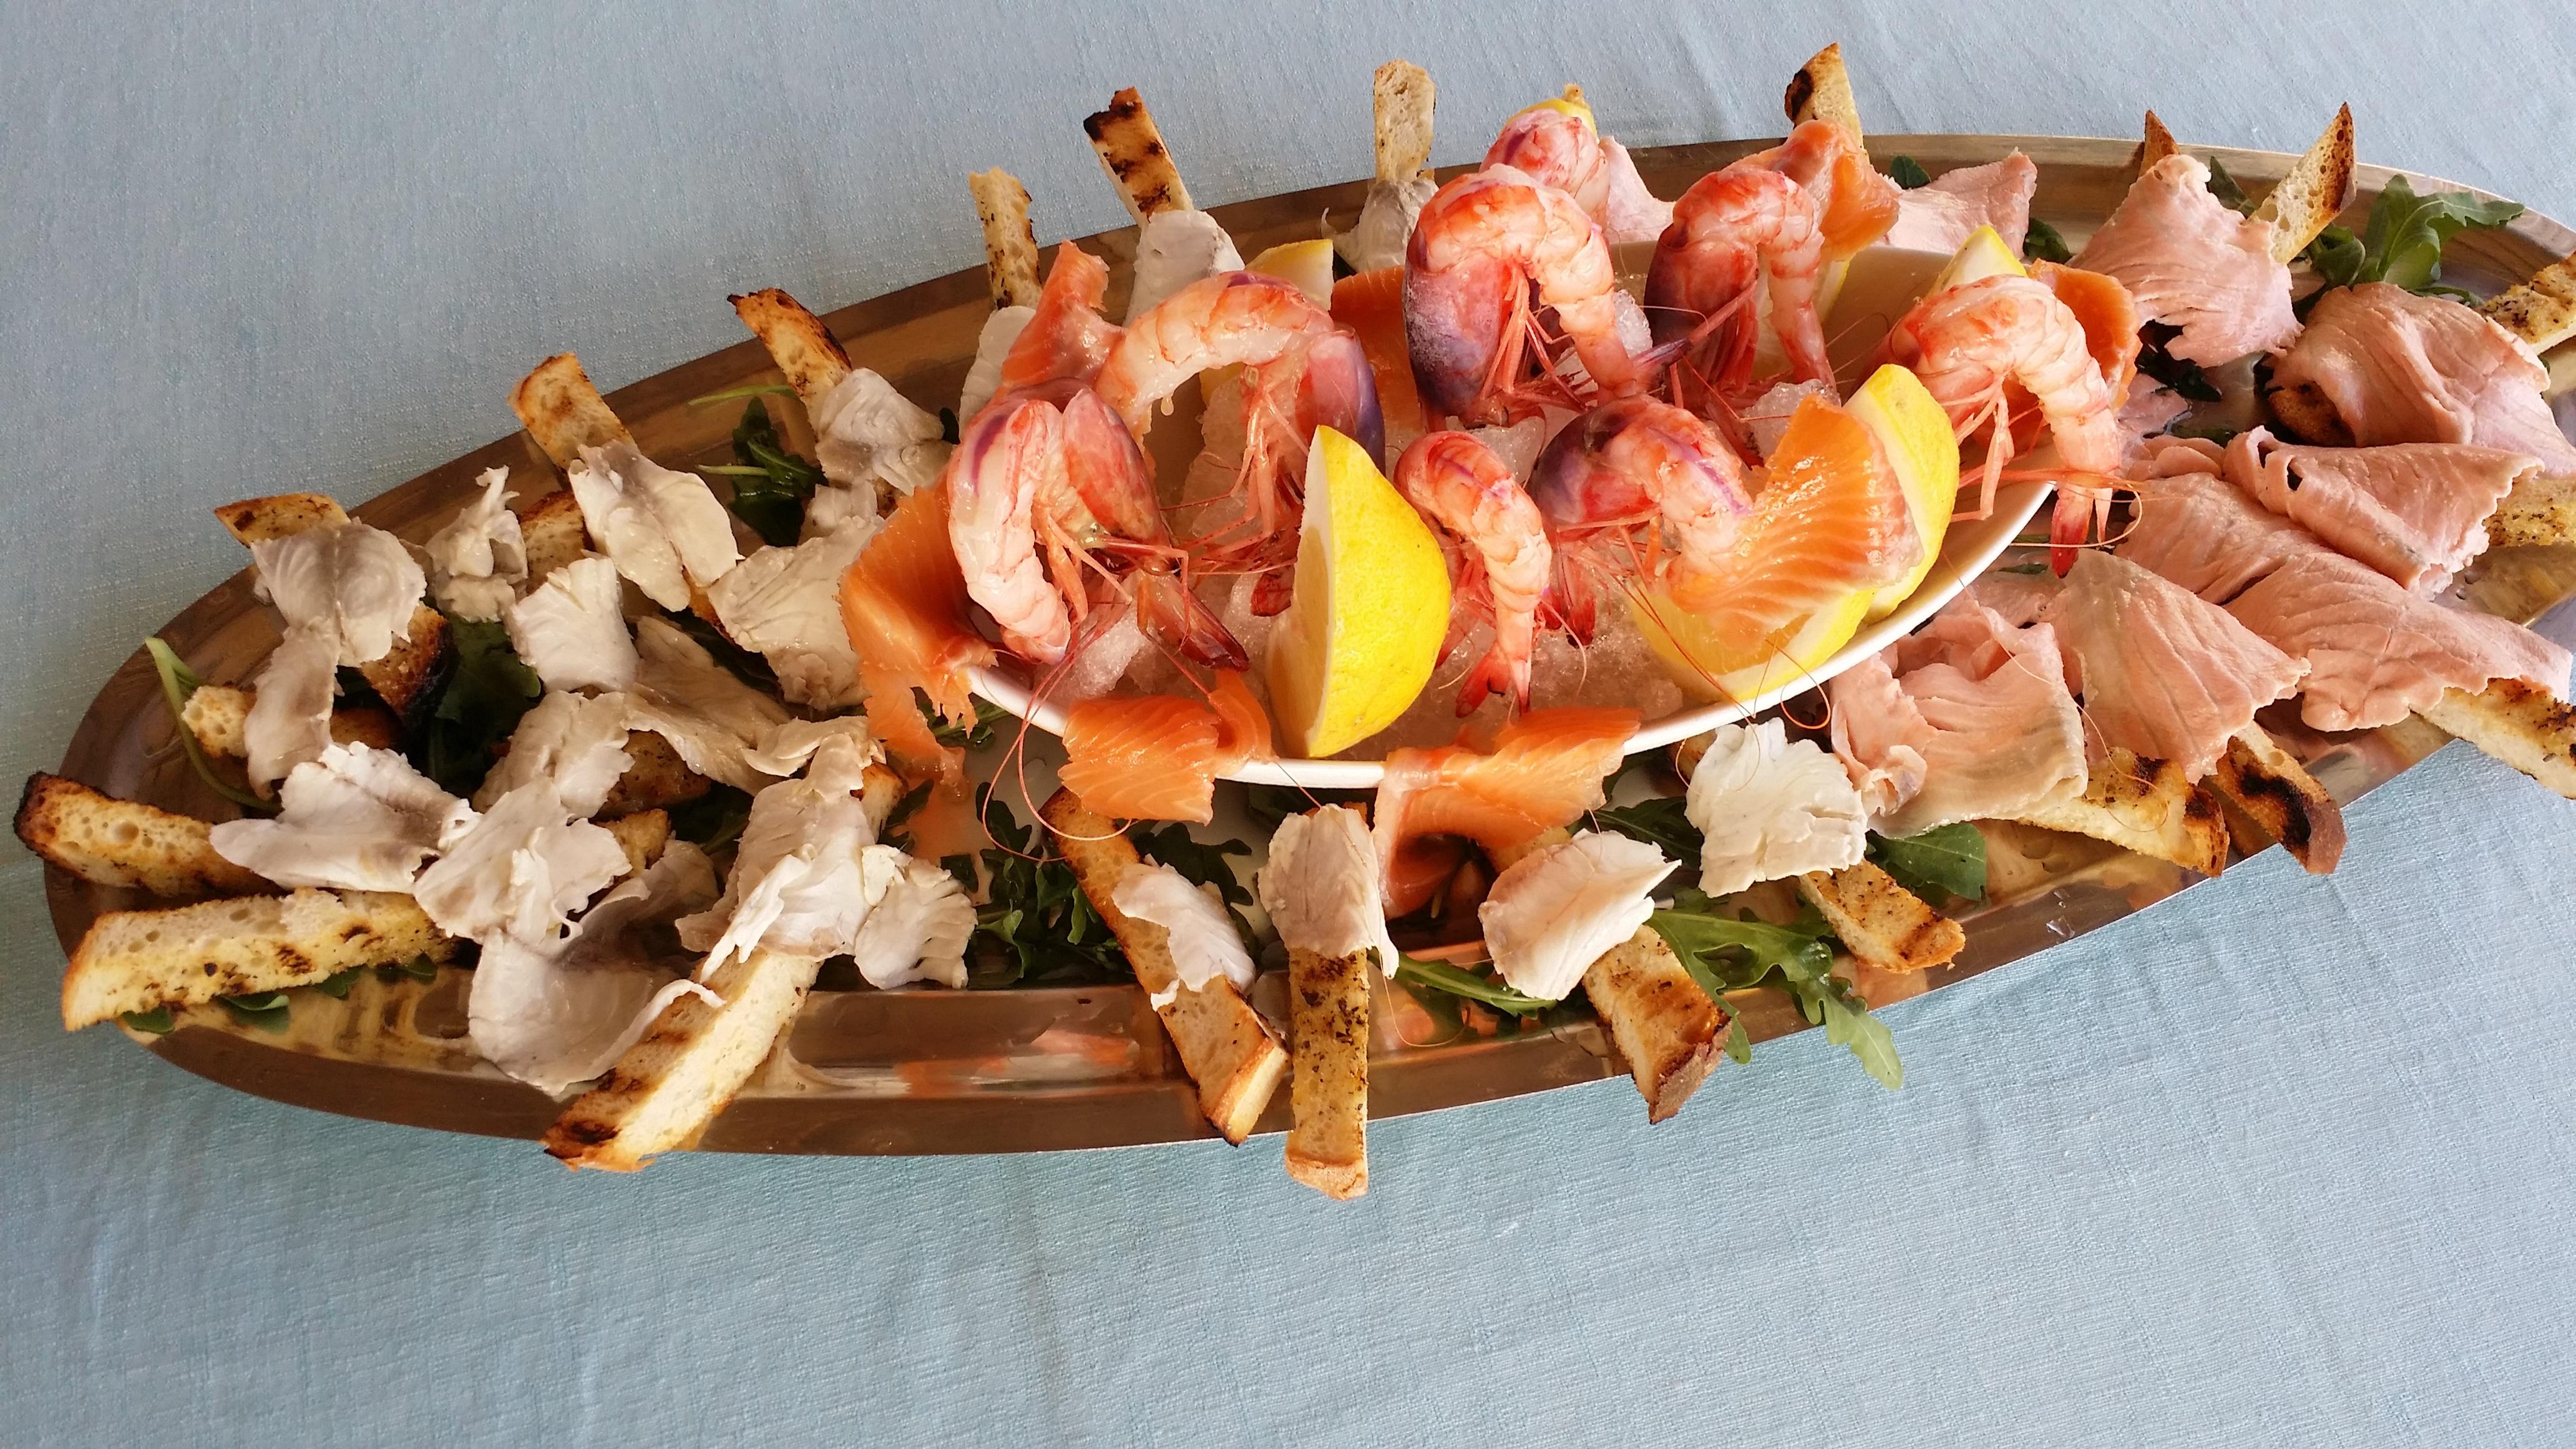 Fotos gratis plato comida pescado carne platos alta for Decoracion de platos gourmet pdf